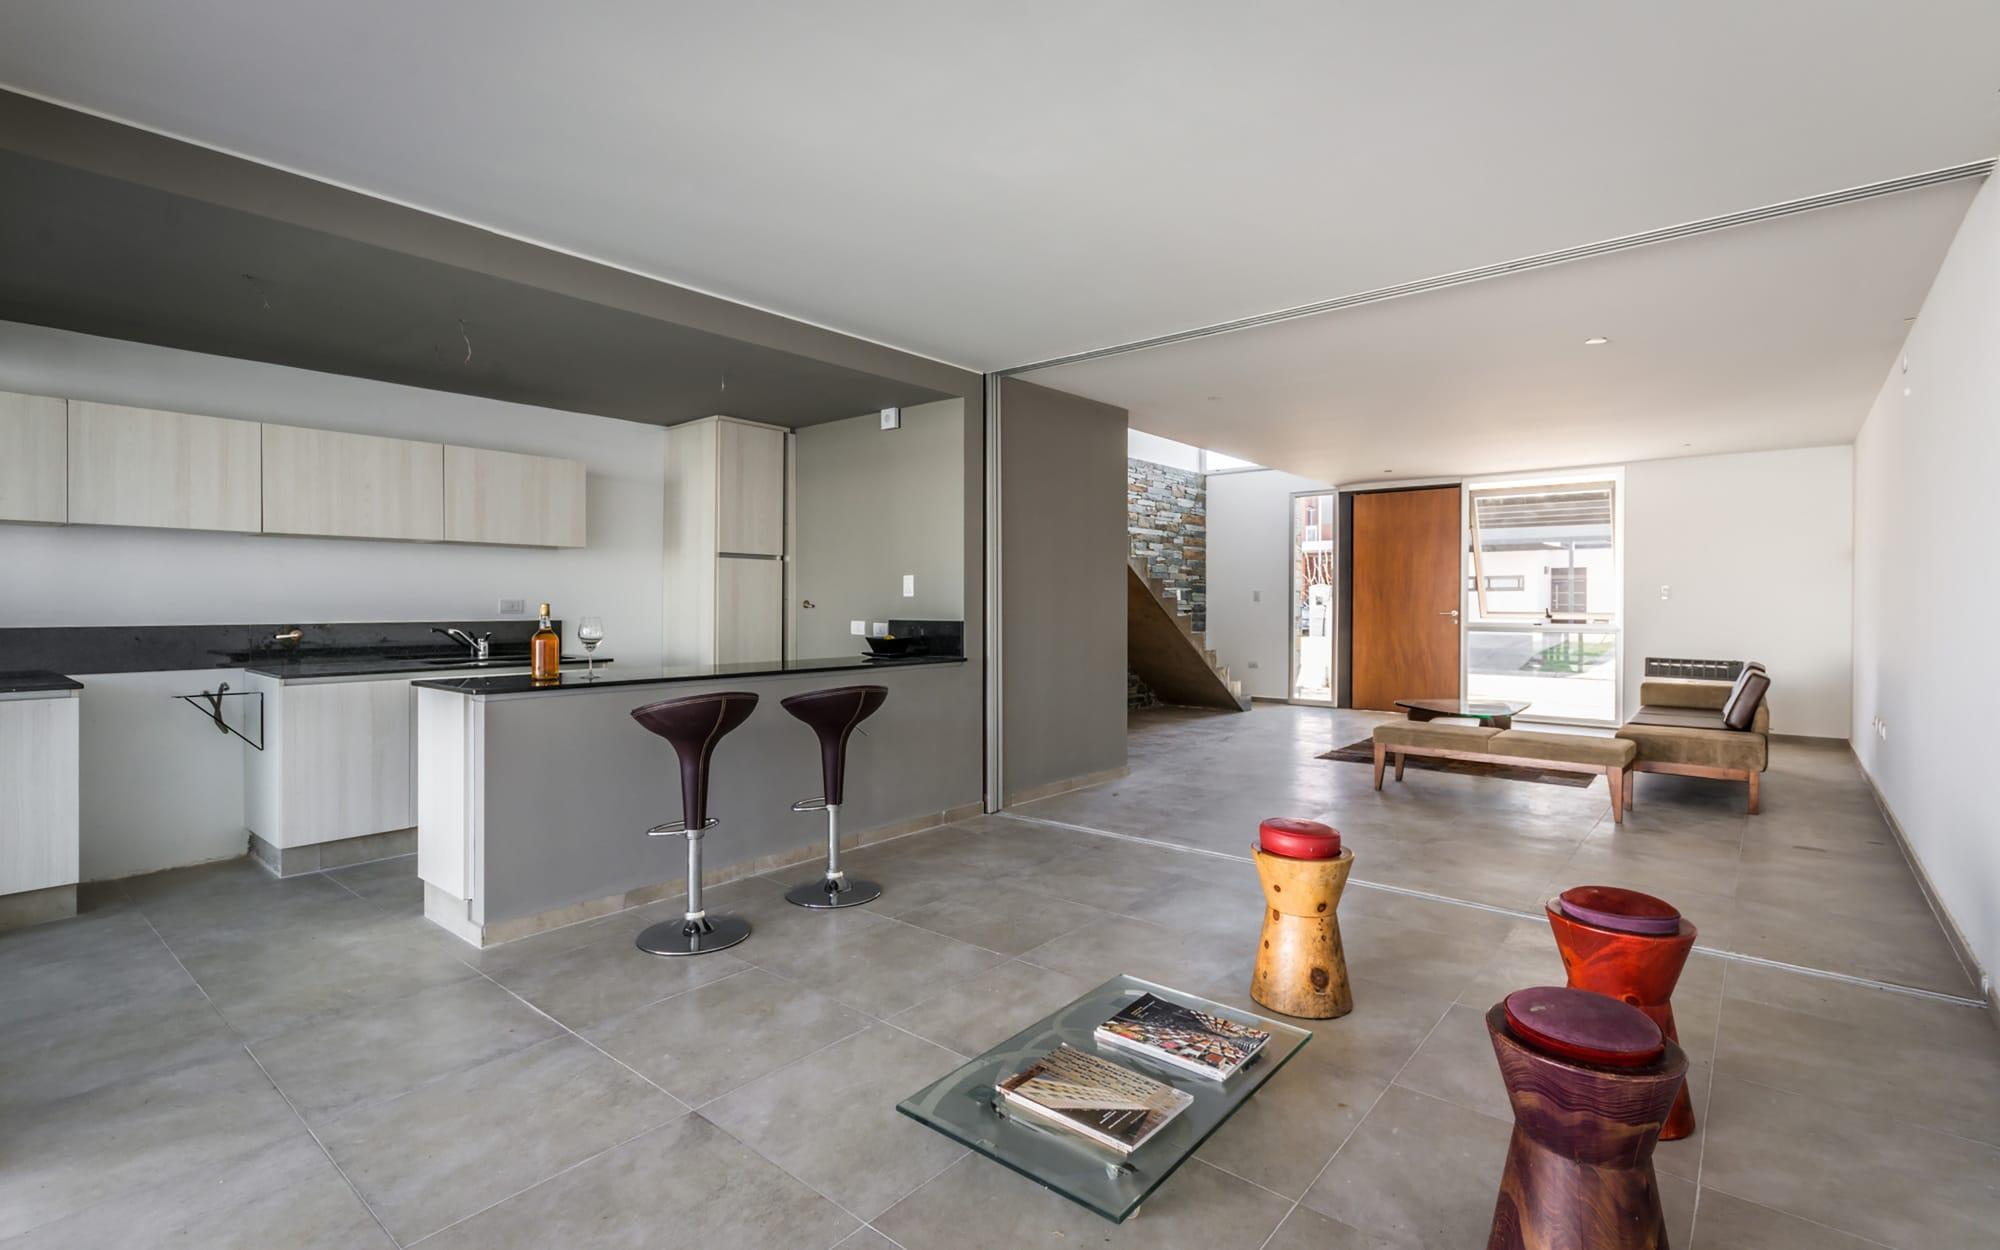 otro #4002 diseño interiores cocinas con proyecto, imagen y ideas